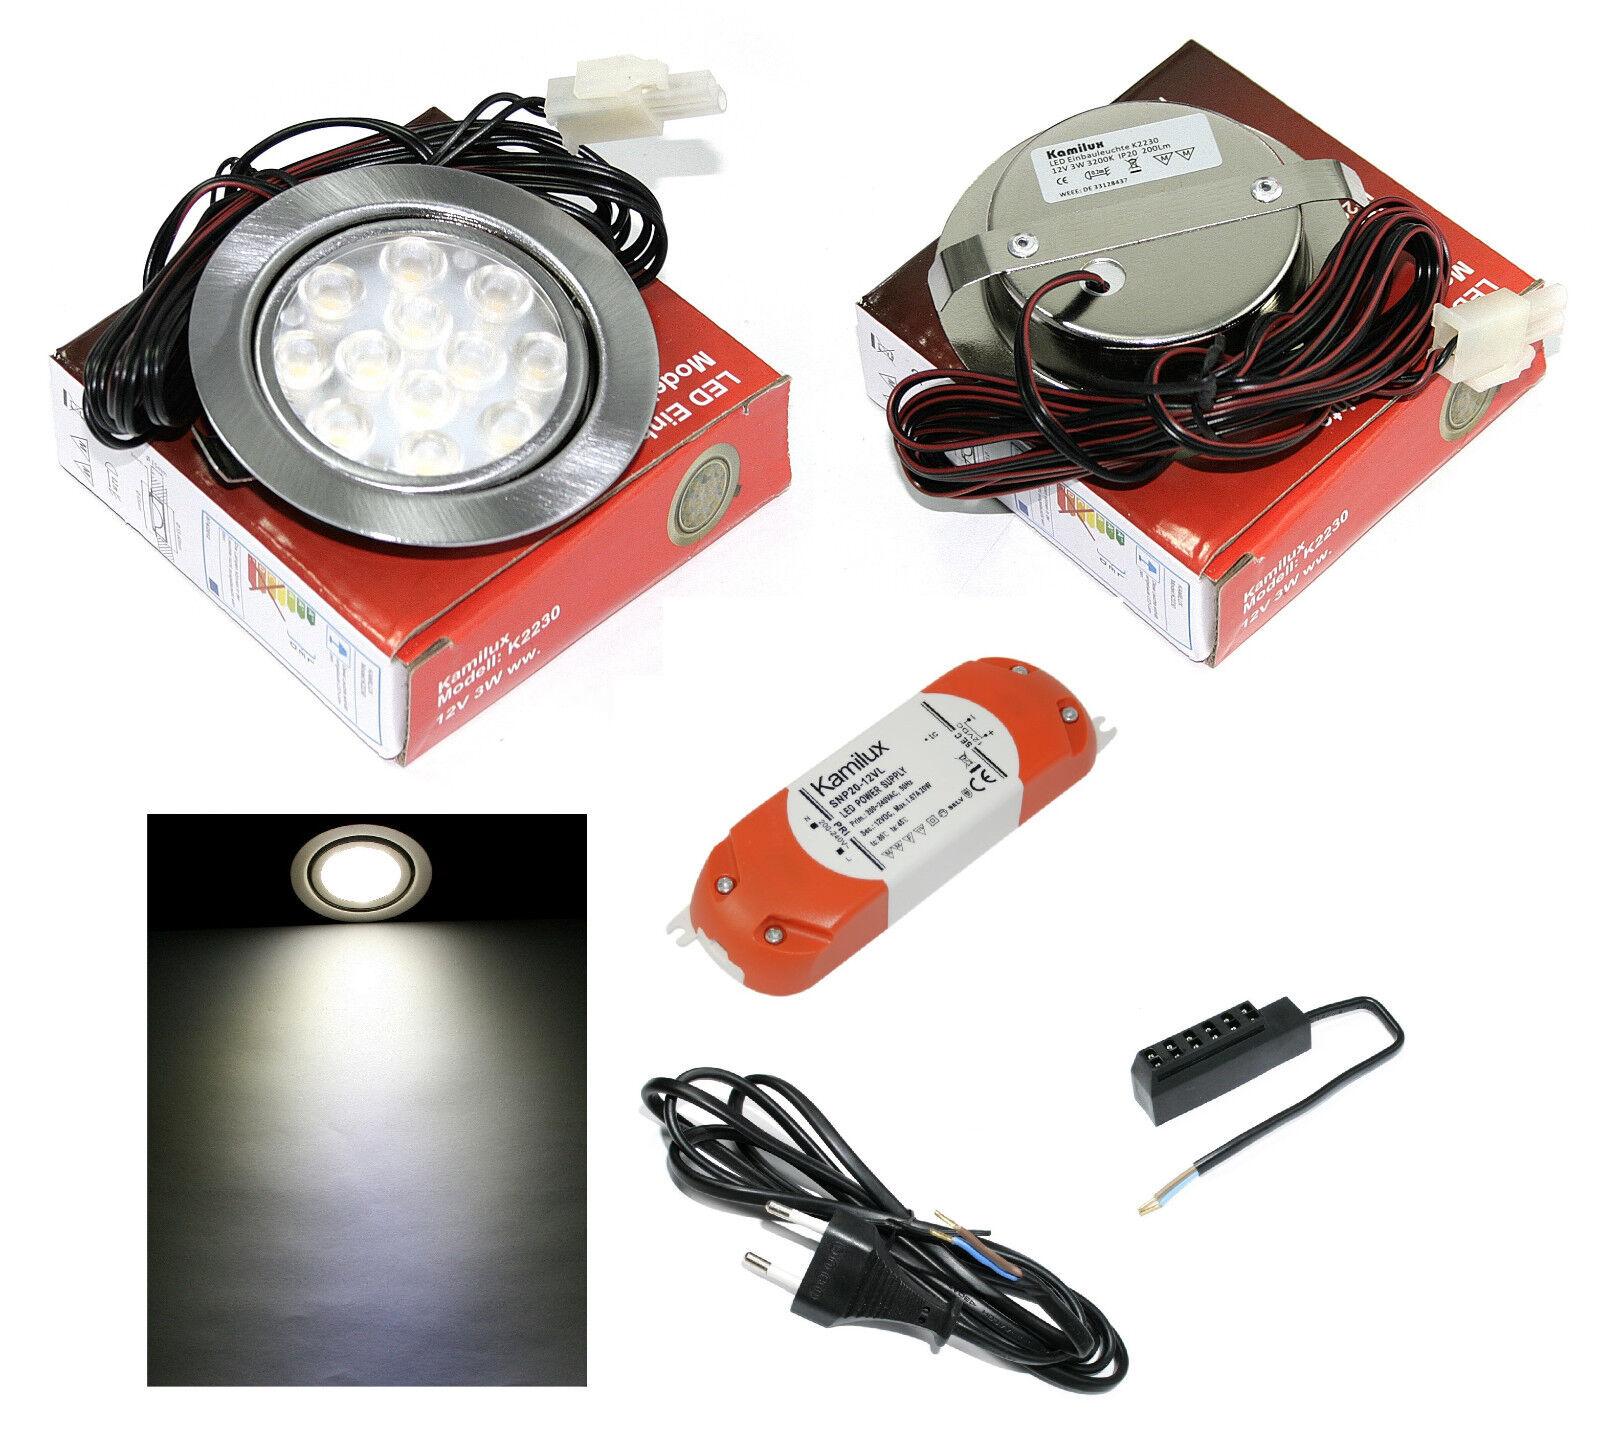 1 - 10er Mobili Lampada 12v LED MOBI 3w = 30w bianco incl. amp di distribuzione + TRASFORMATORE